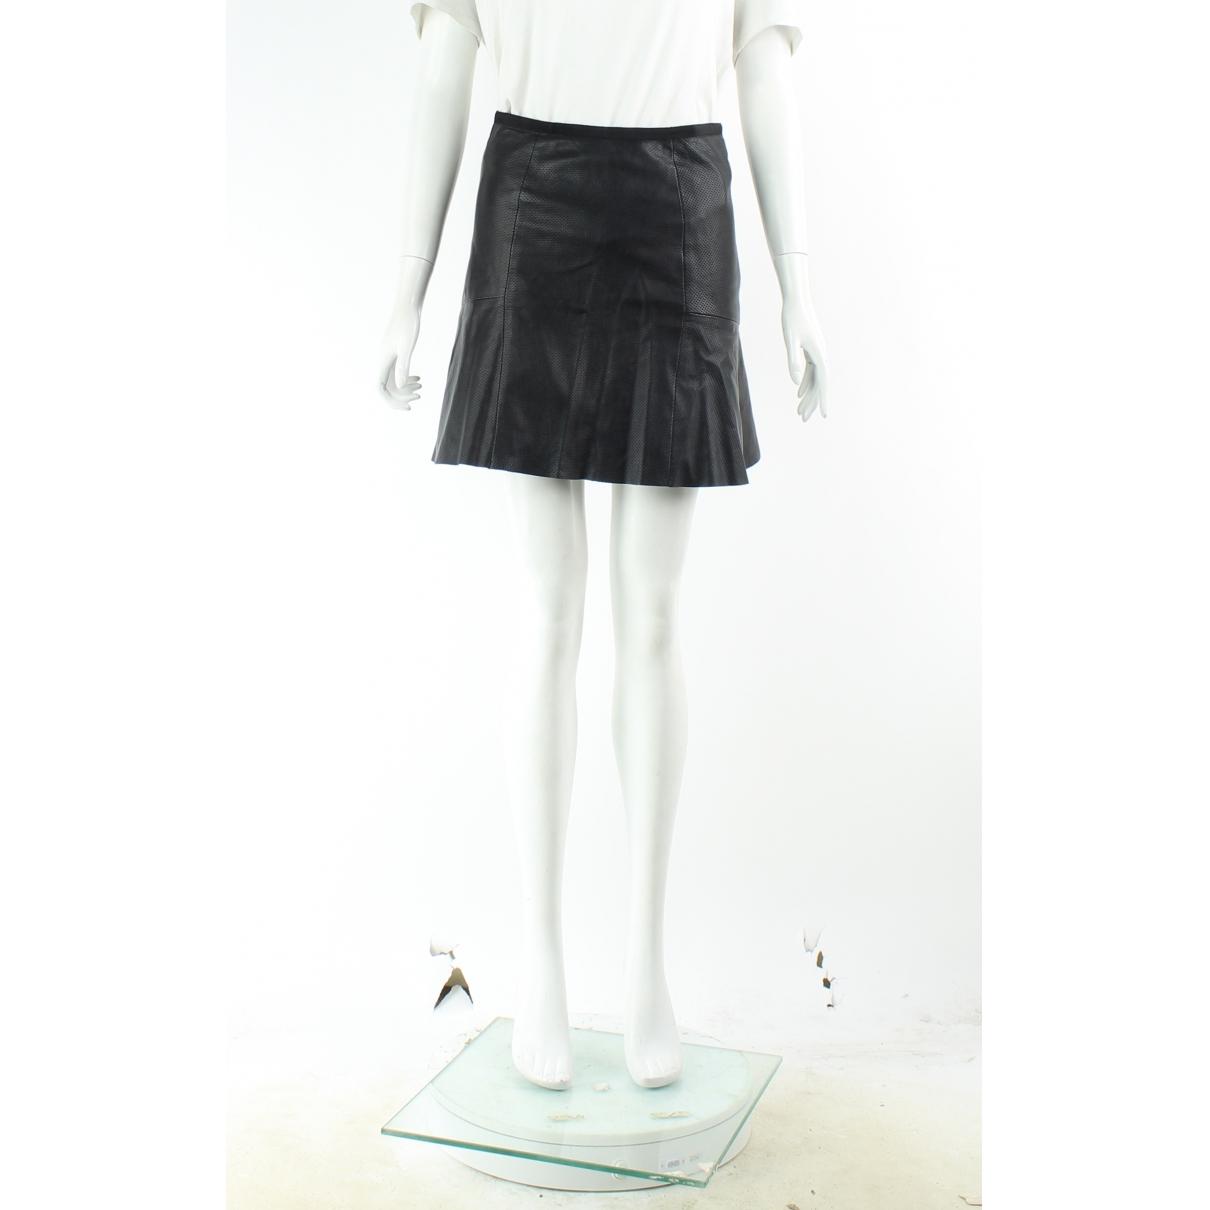 Sandro \N Black Leather skirt for Women 4 UK